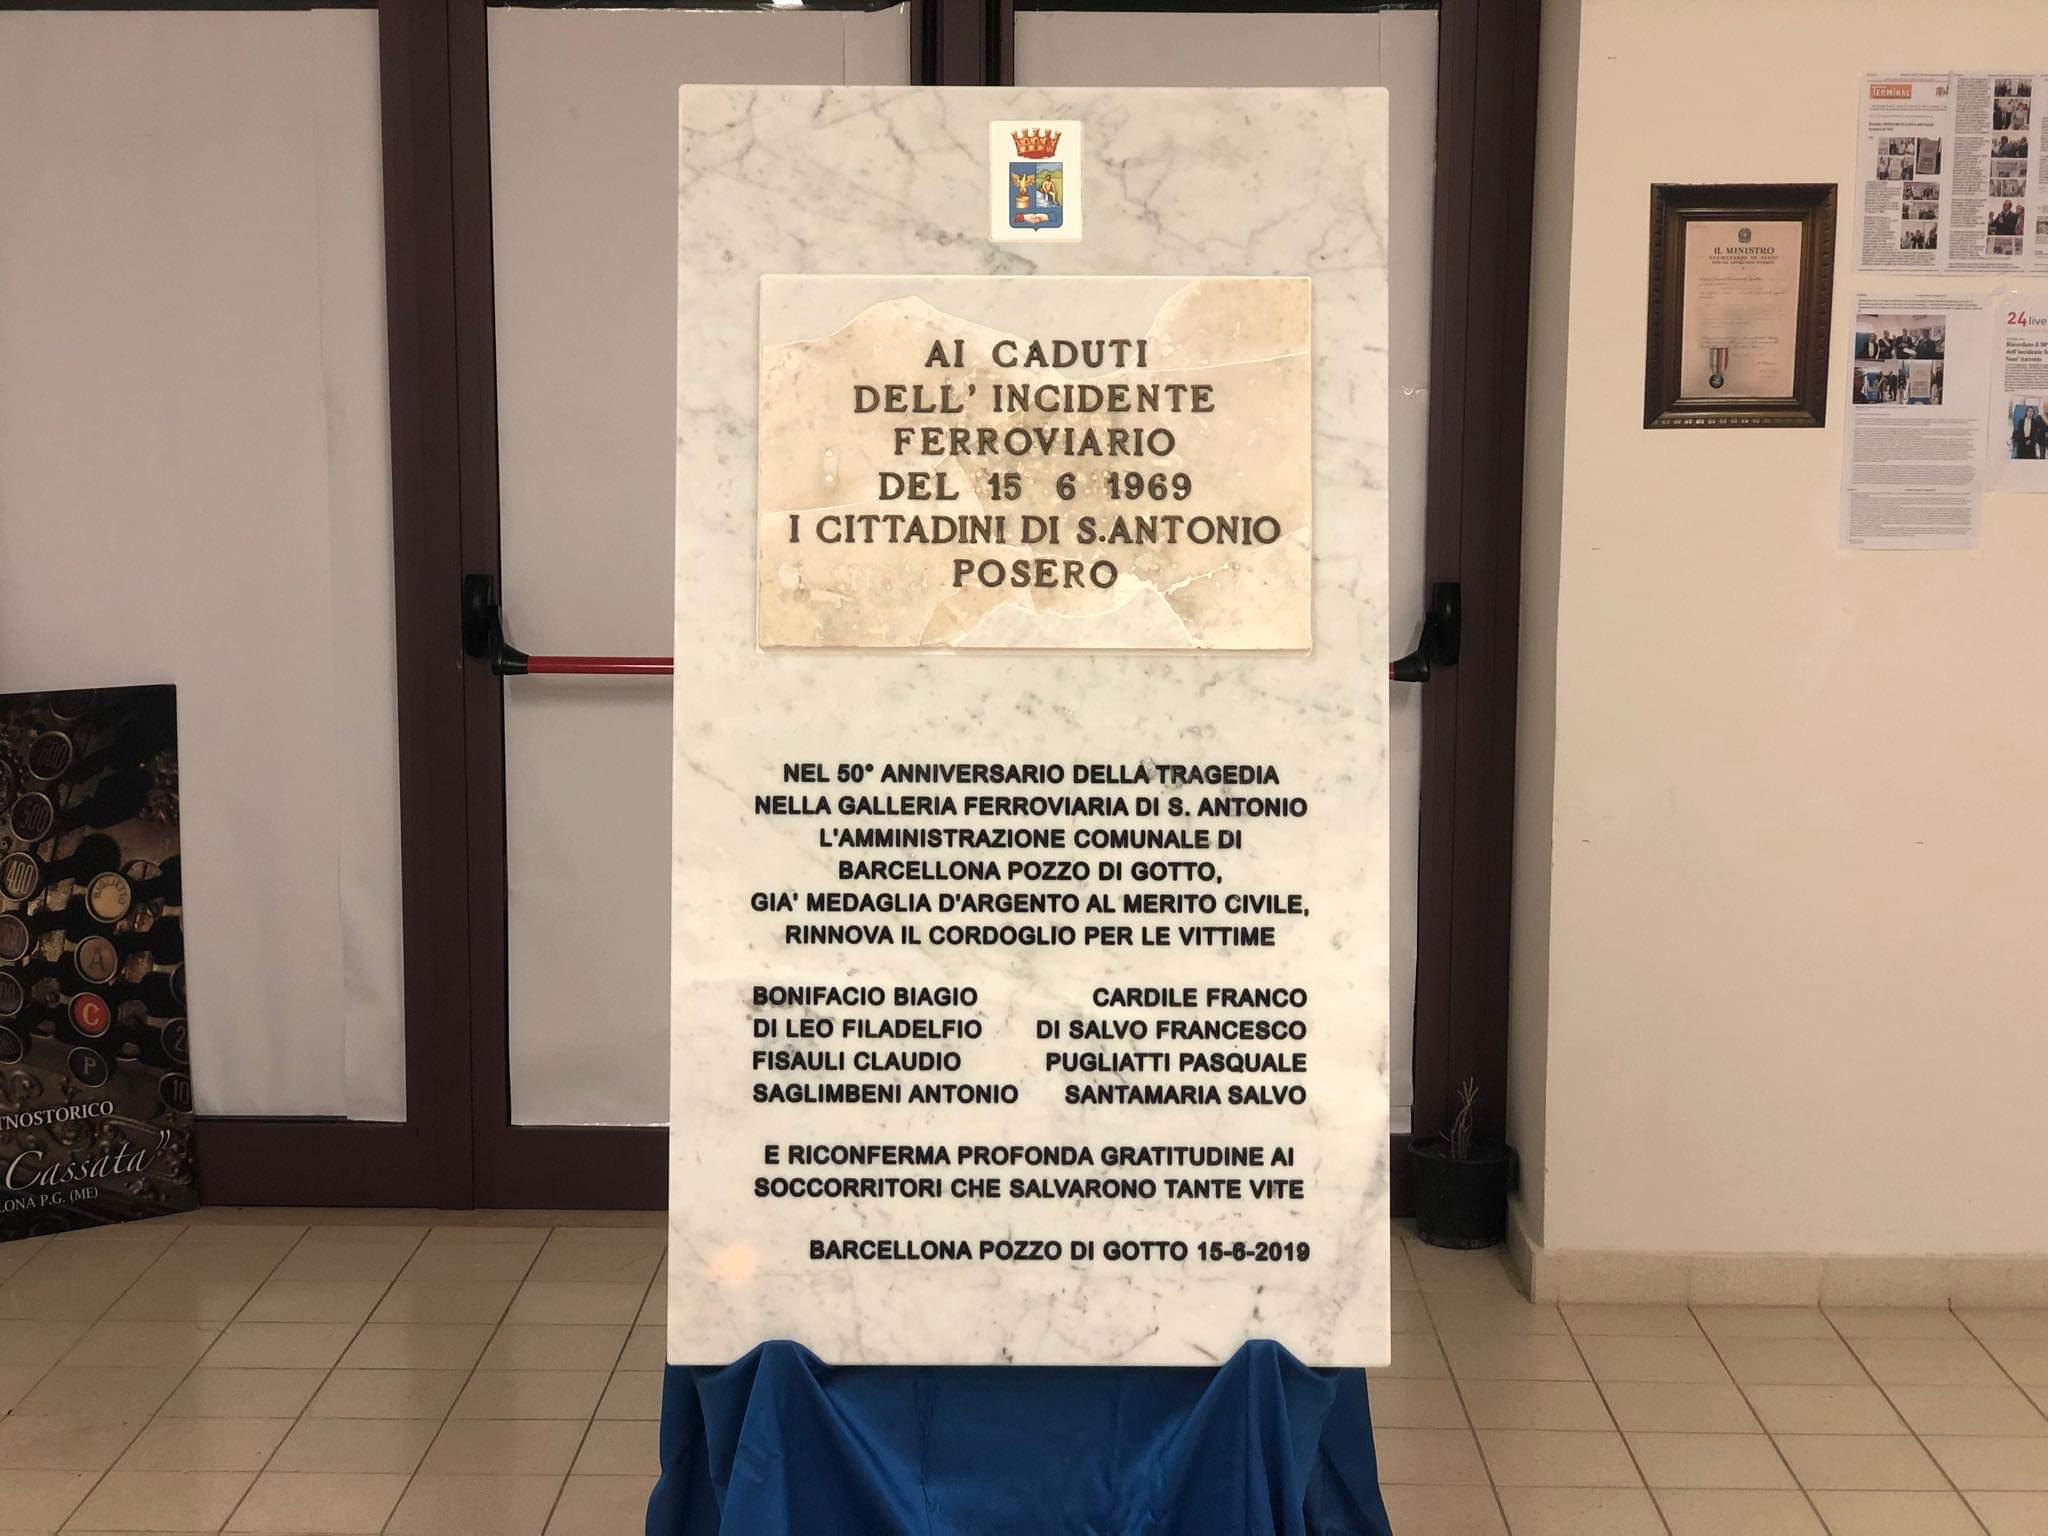 Barcellona PG. Chiusa con successo la Mostra commemorativa sul 50° anniversario dell'incidente ferroviario del 15 giugno 1969